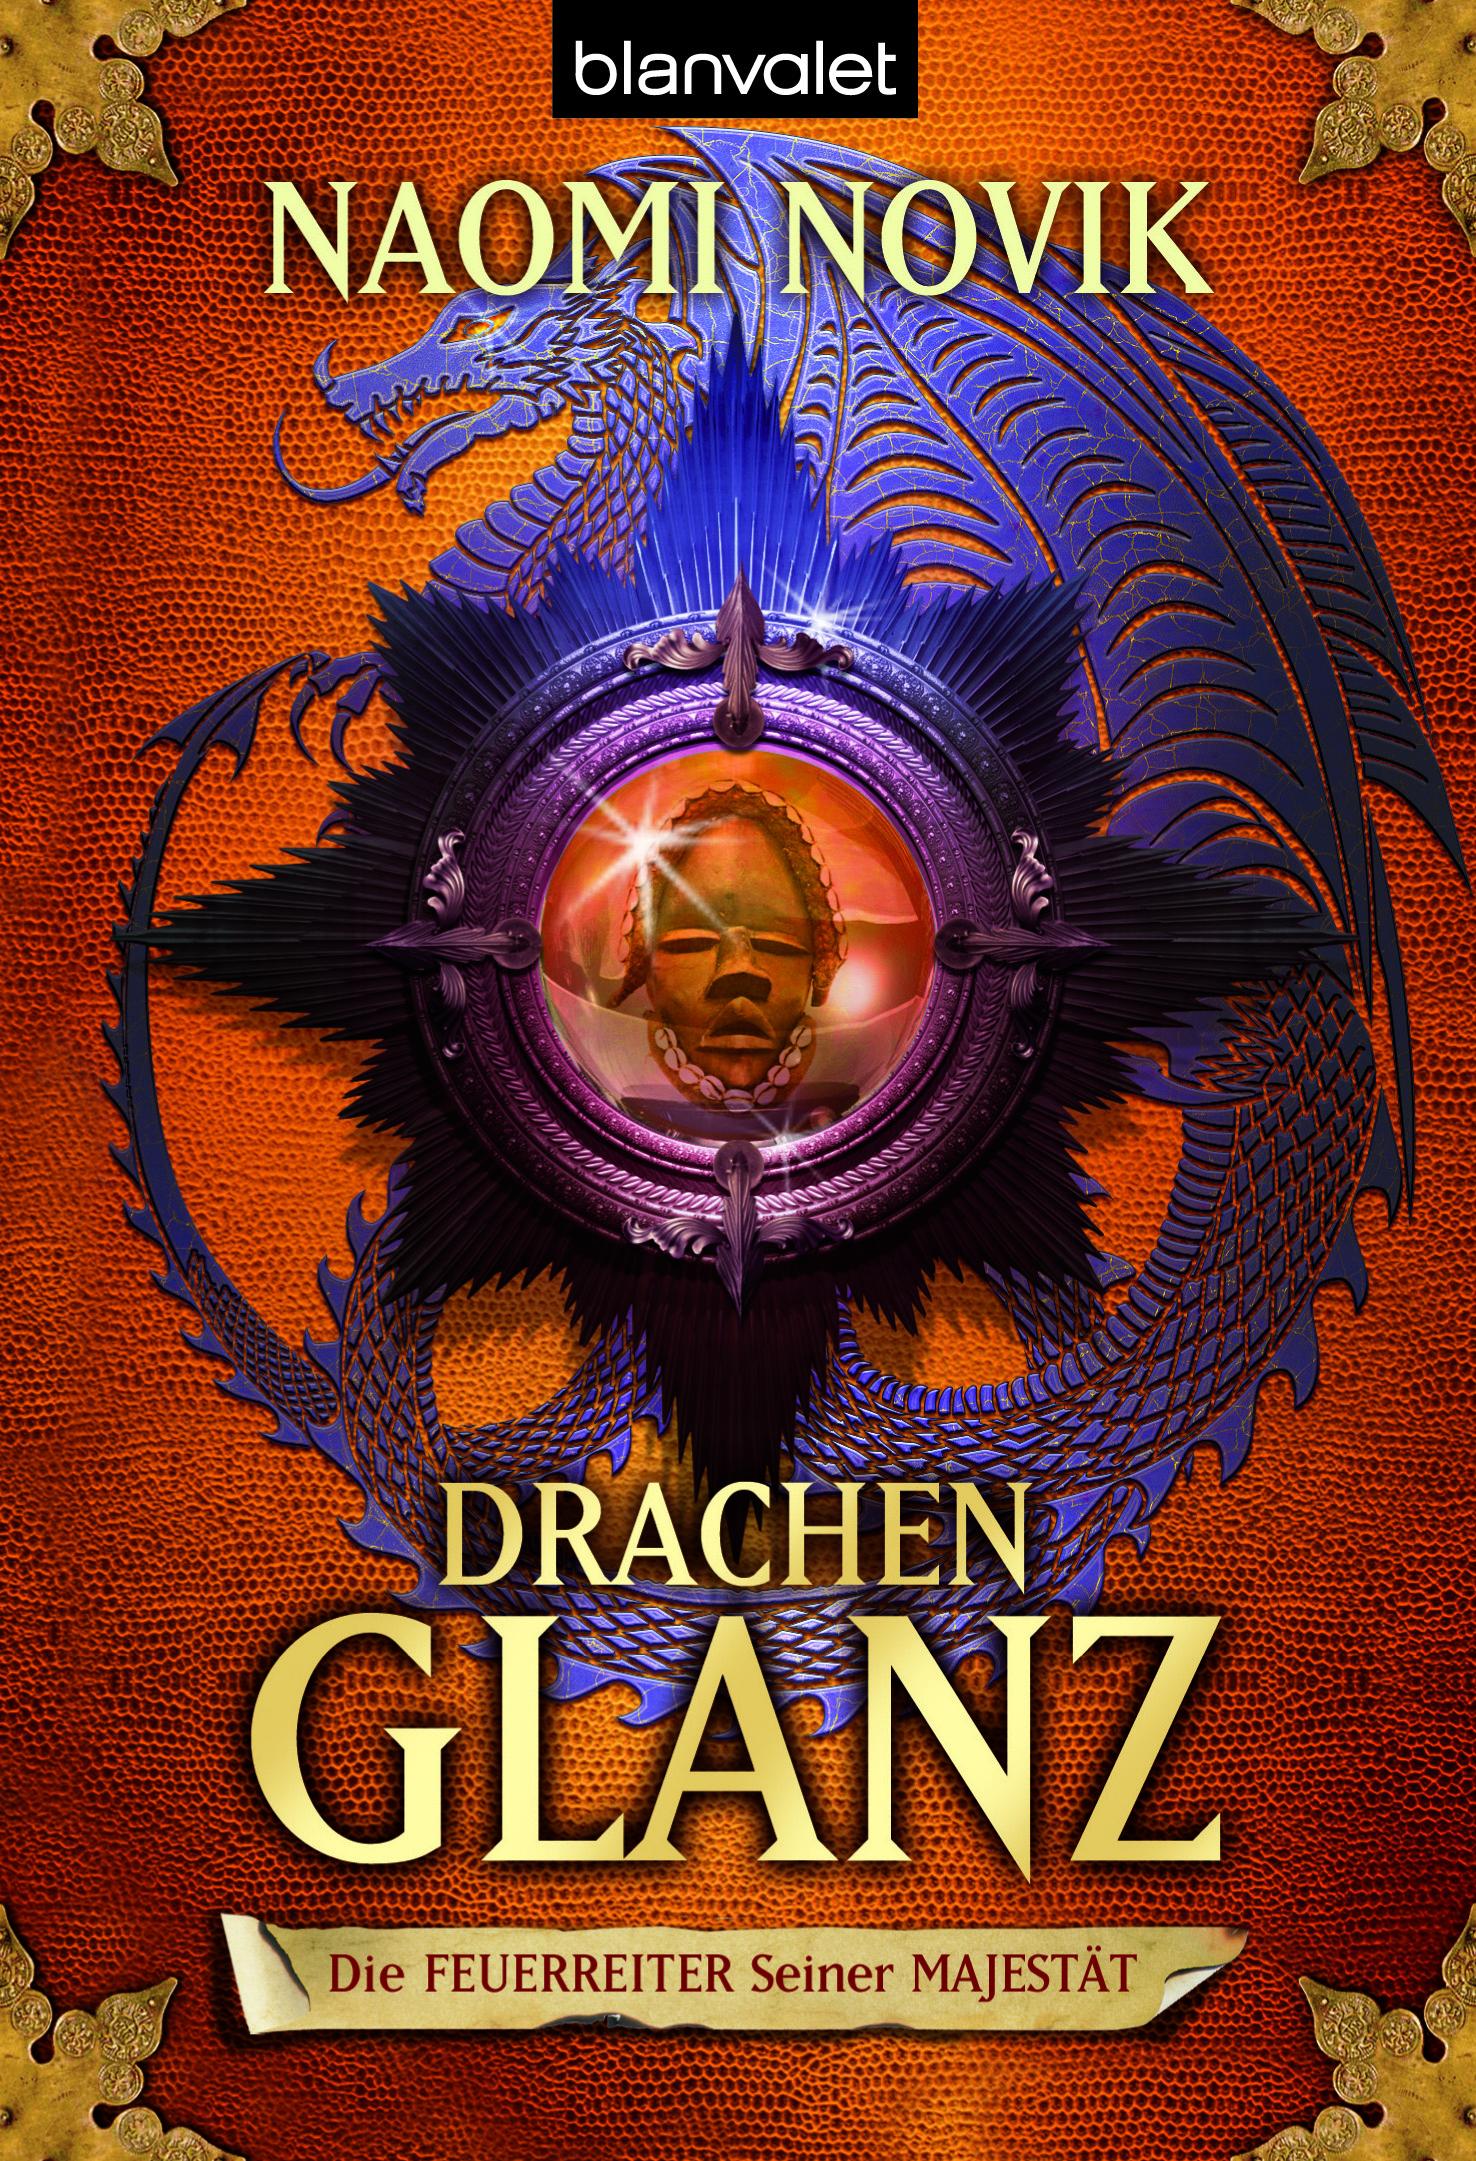 """Rezension: """"Die Feuerreiter Seiner Majestät - Drachenglanz"""" von Naomi Novik, (4. Band)"""